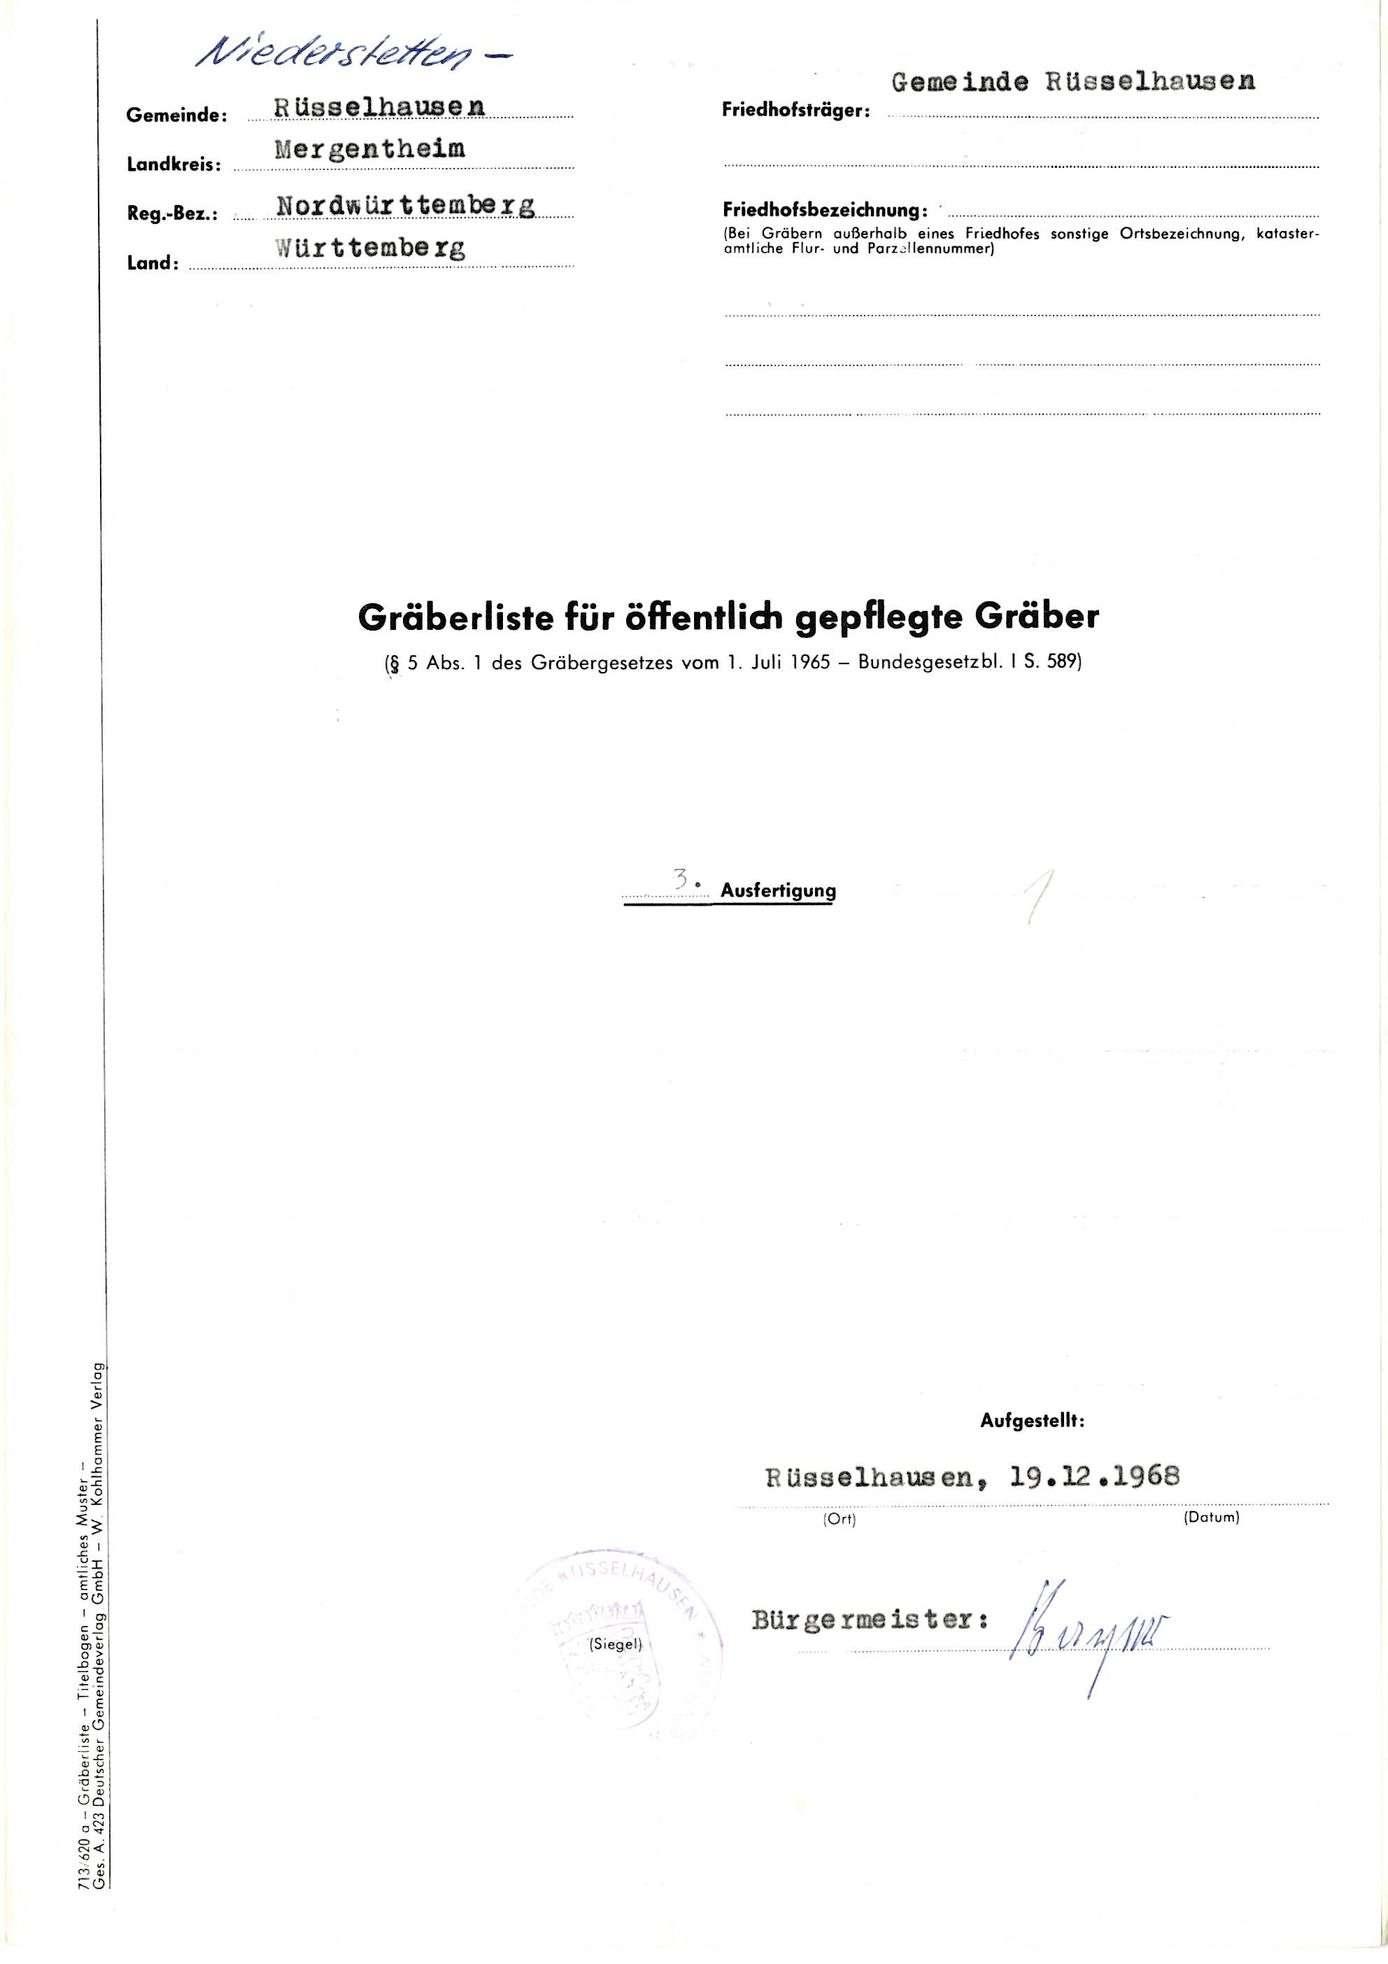 Rüsselhausen, Bild 1